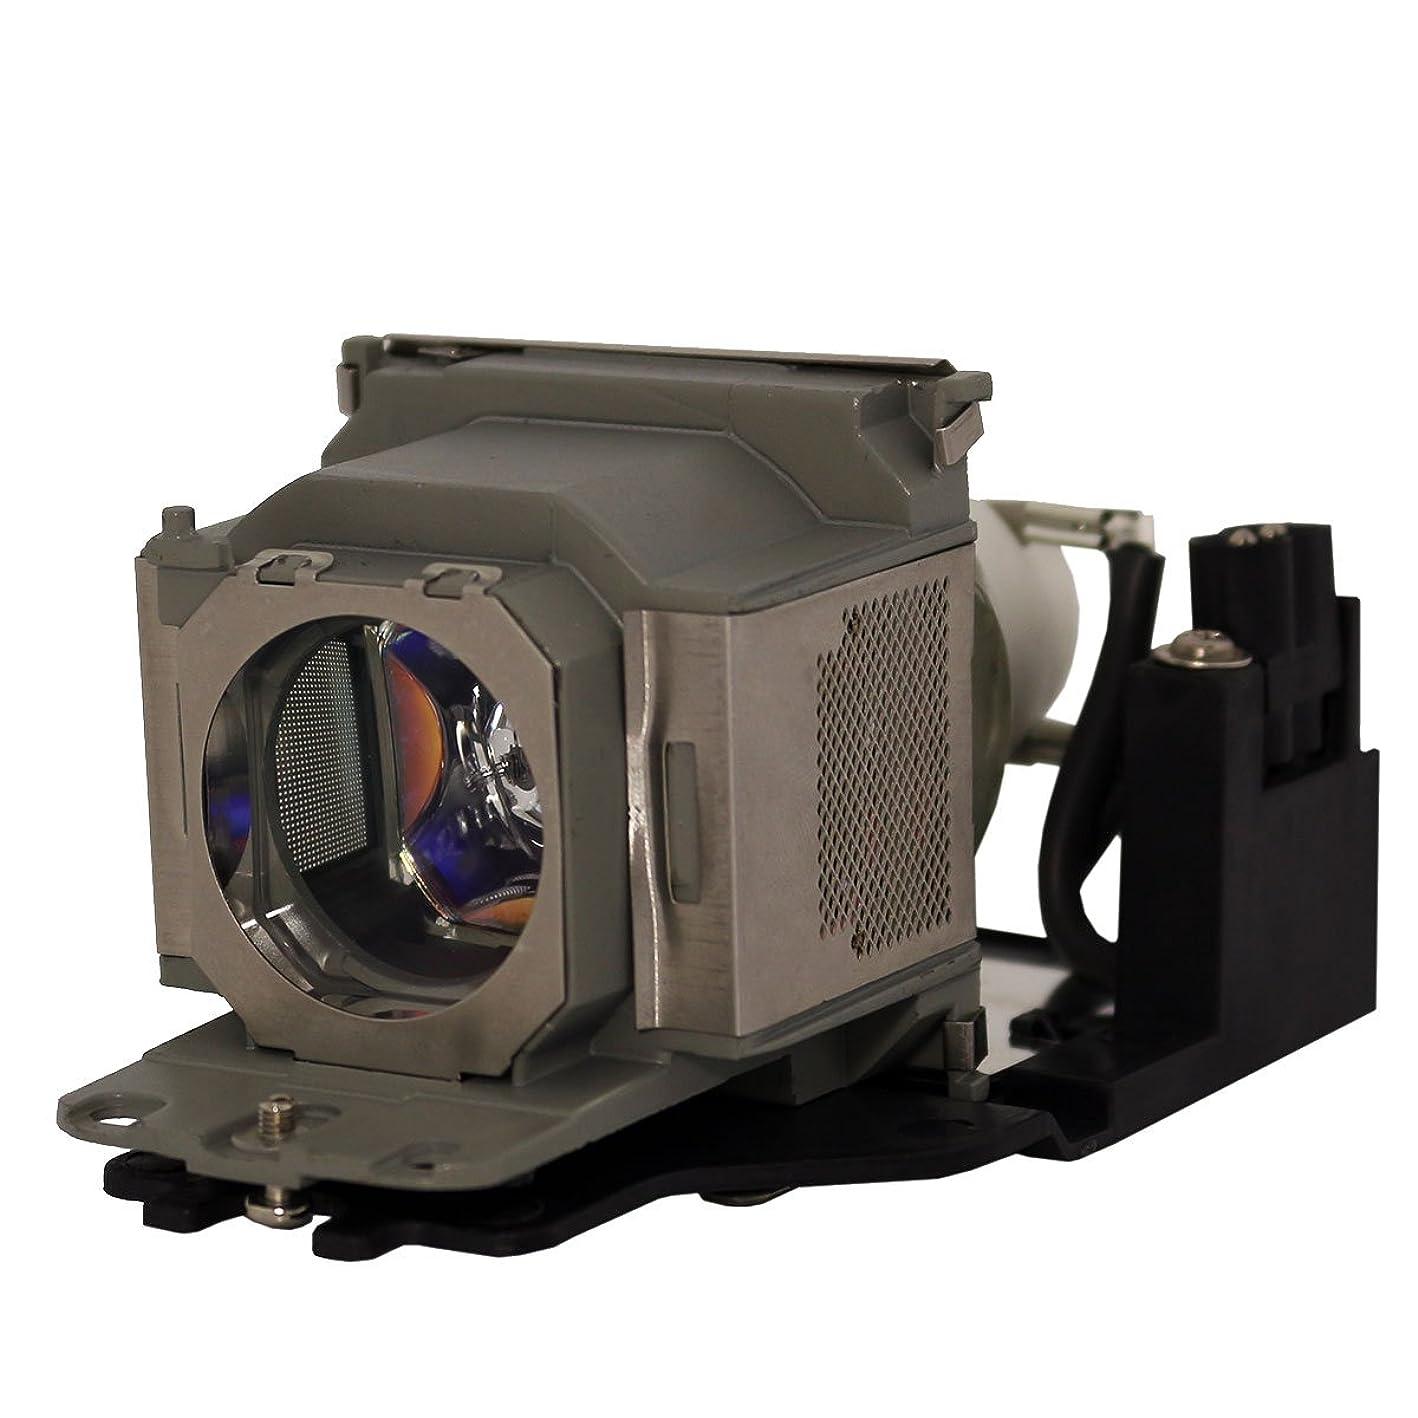 どちらかエスカレート遠えLutema エコノミー バルブ ソニー VPL-DX120 プロジェクター用 (ランプ ハウジング付き)